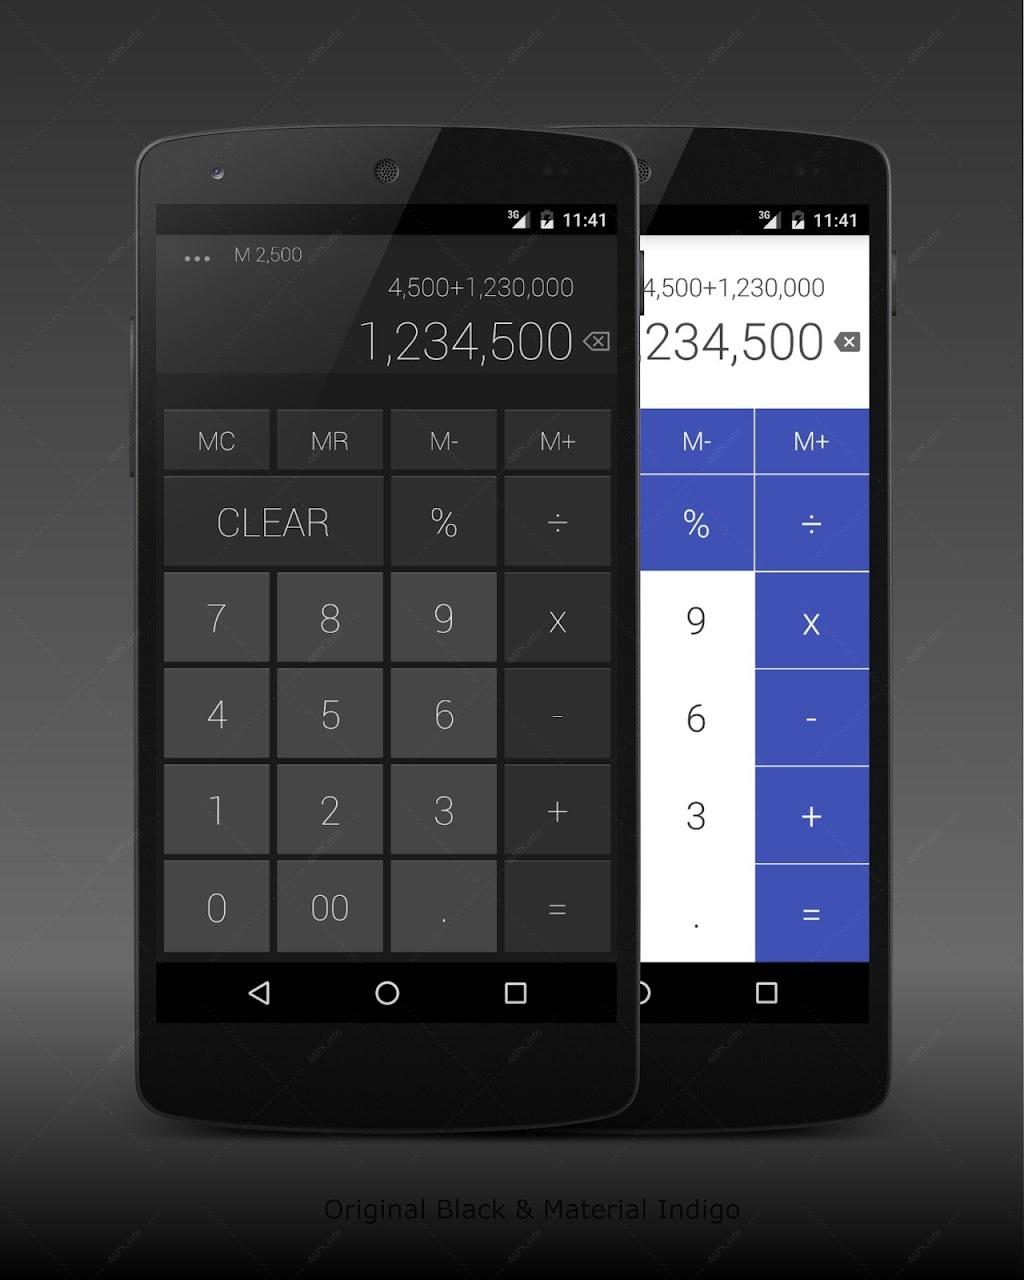 Приложения калькулятор скачать бесплатно скачать программу формат docx в